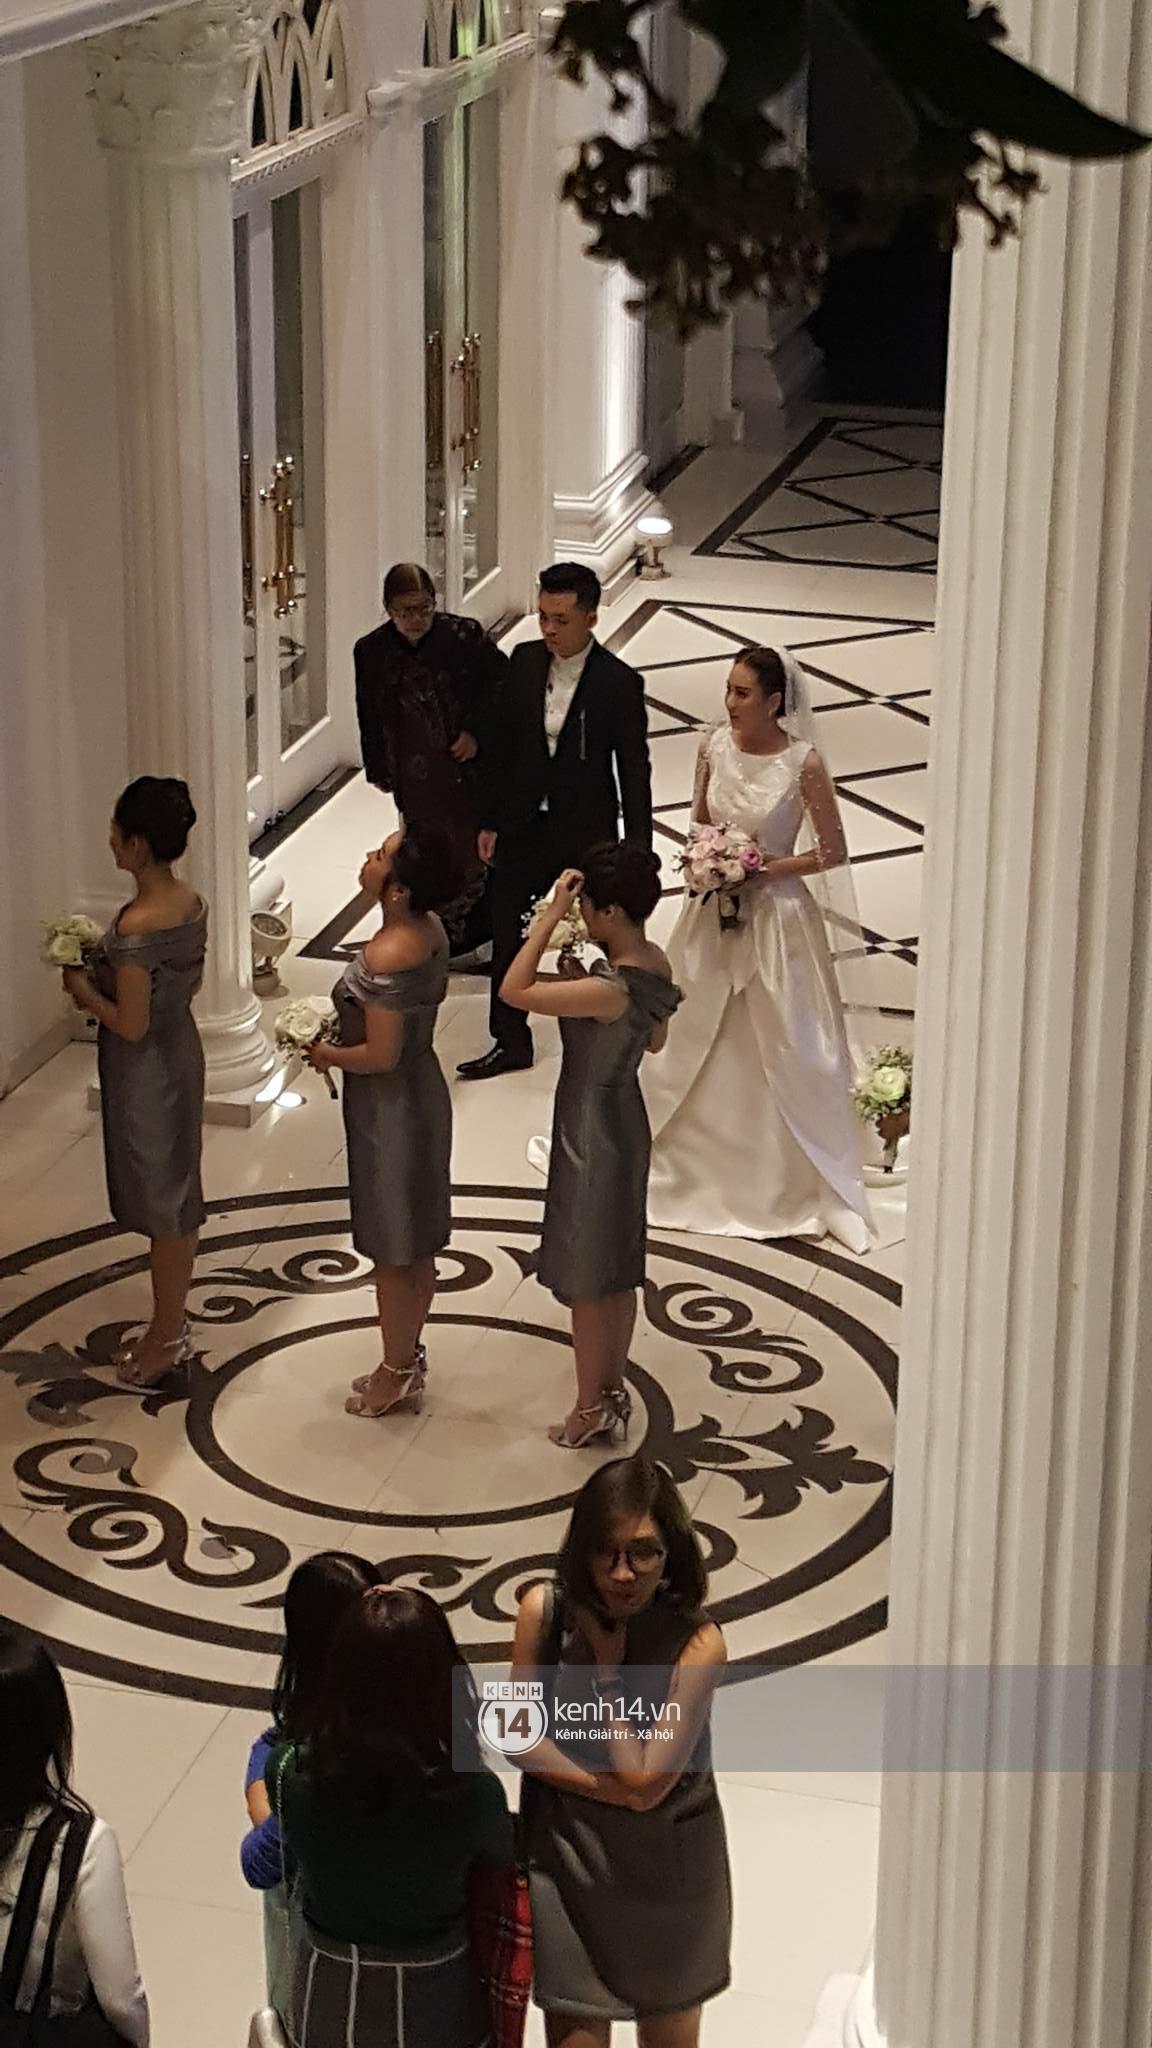 Đám cưới MC Mai Ngọc: Không gian lộng lẫy, cầu kỳ, xứng đáng là đám cưới sang chảnh nhất Hà Nội hôm nay - Ảnh 13.